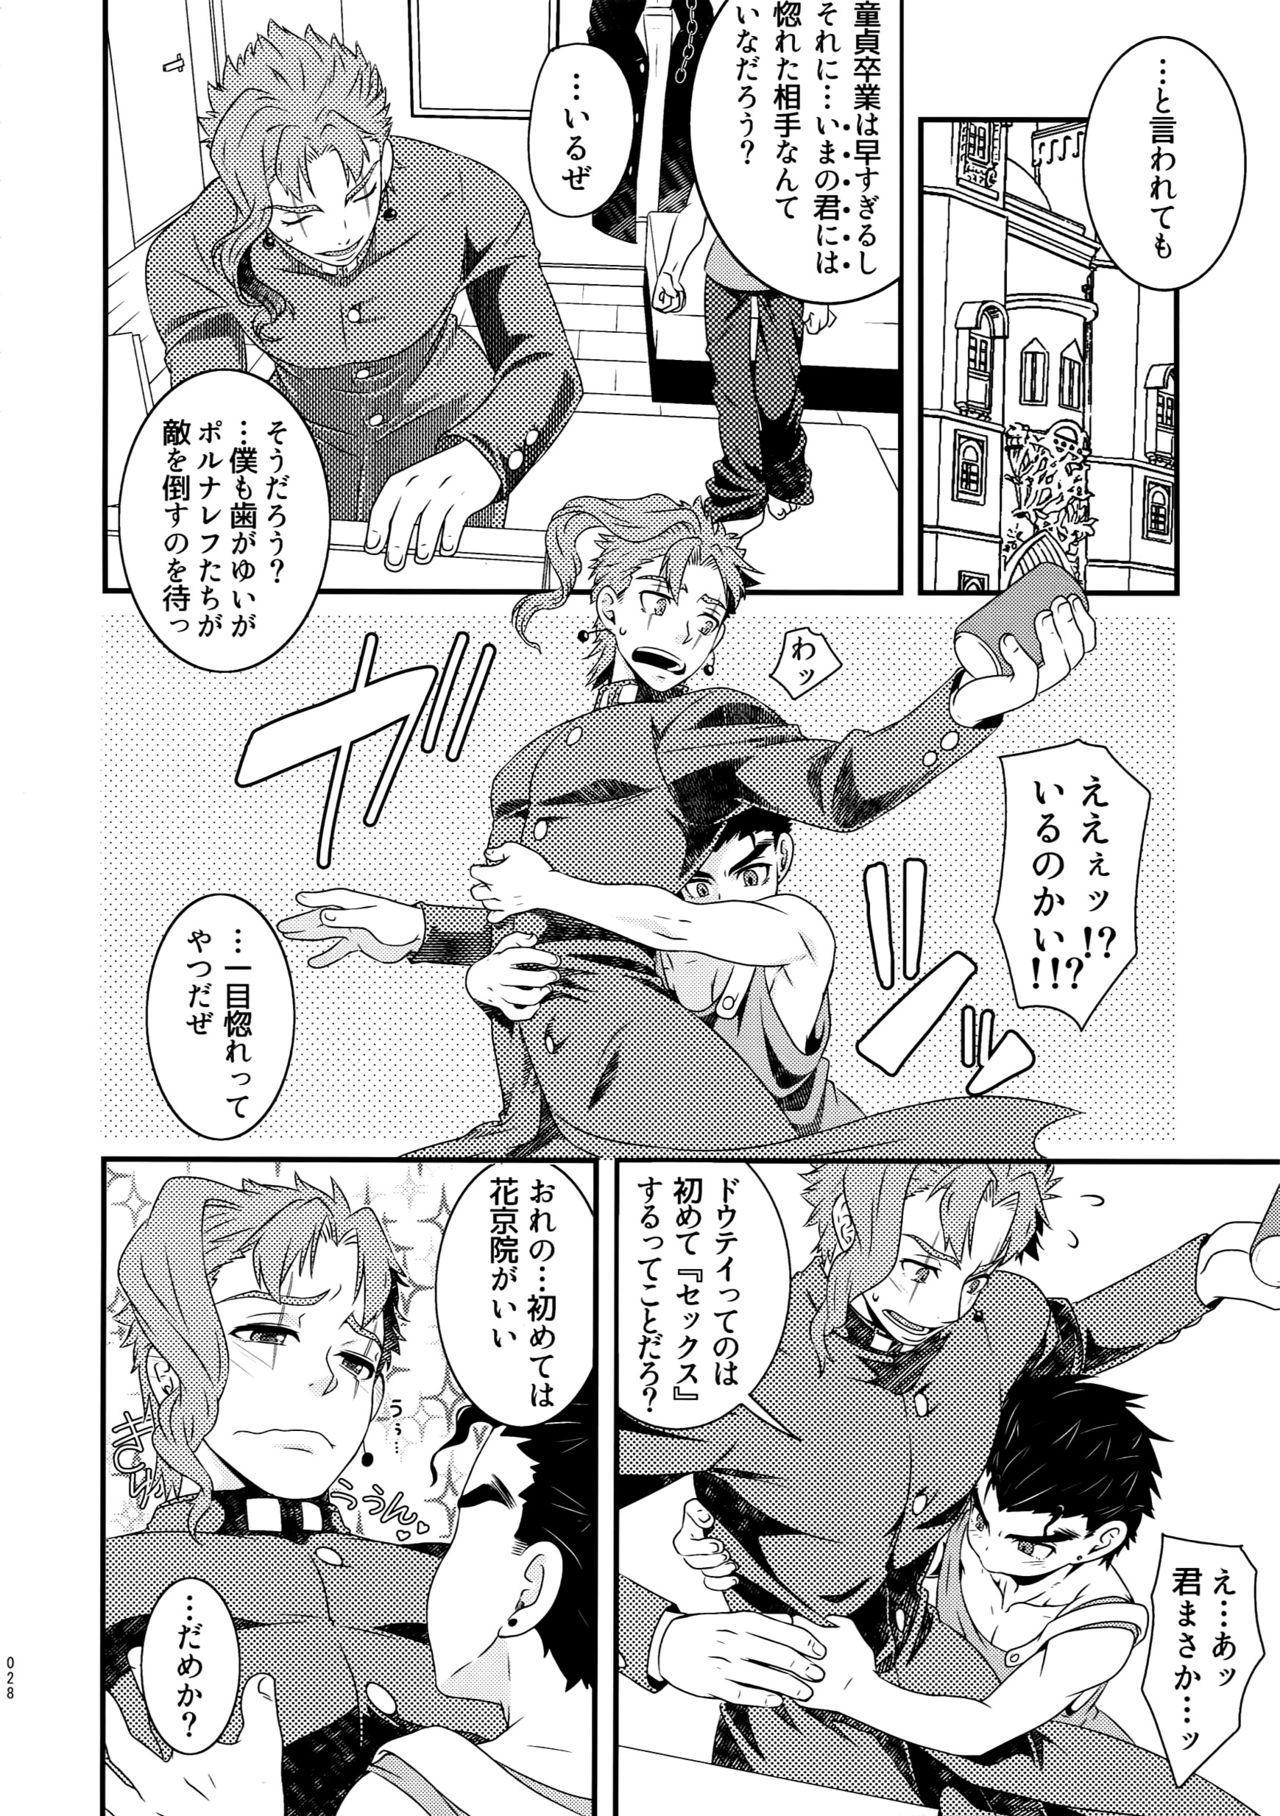 Uketamawa Hana Sairoku Hon 26